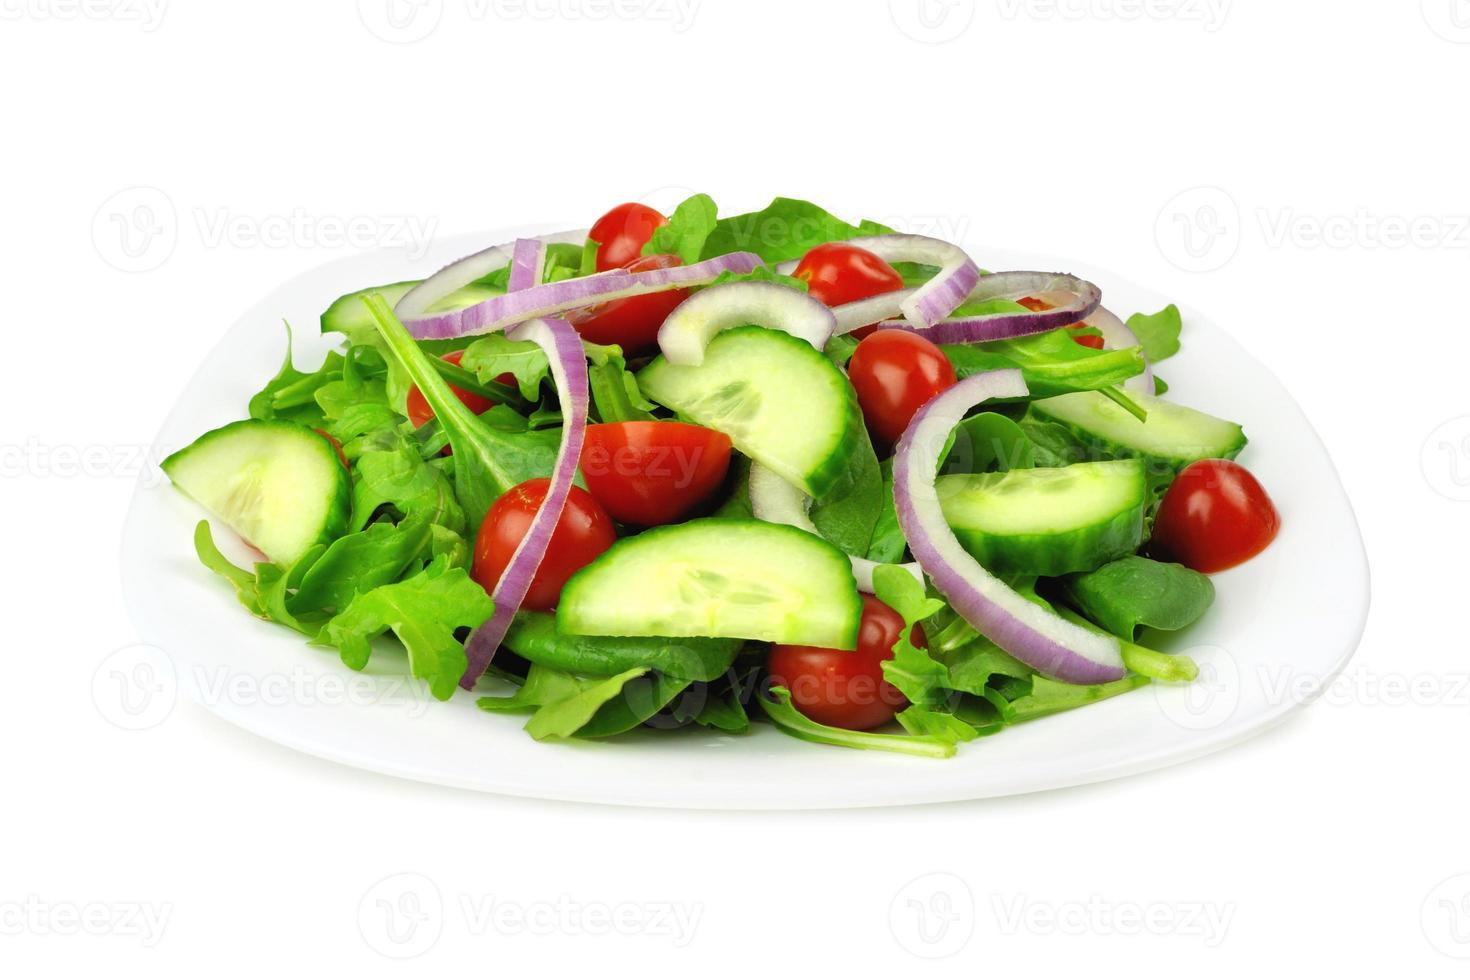 insalata del giardino sul piatto, isolato su bianco foto